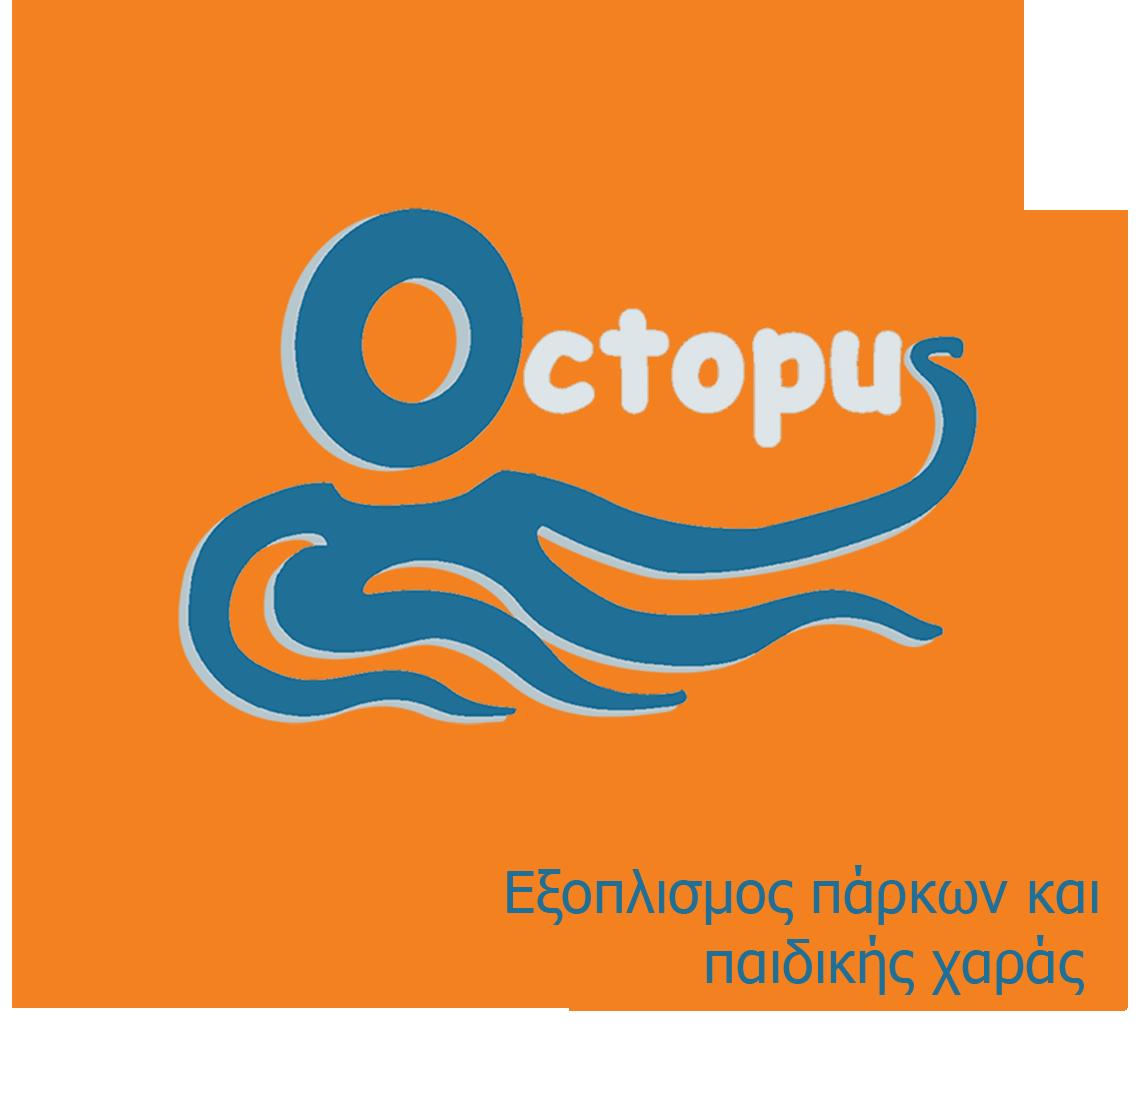 Παιδικές χαρές - Εξοπλισμός παιδικής χαράς | Octopus